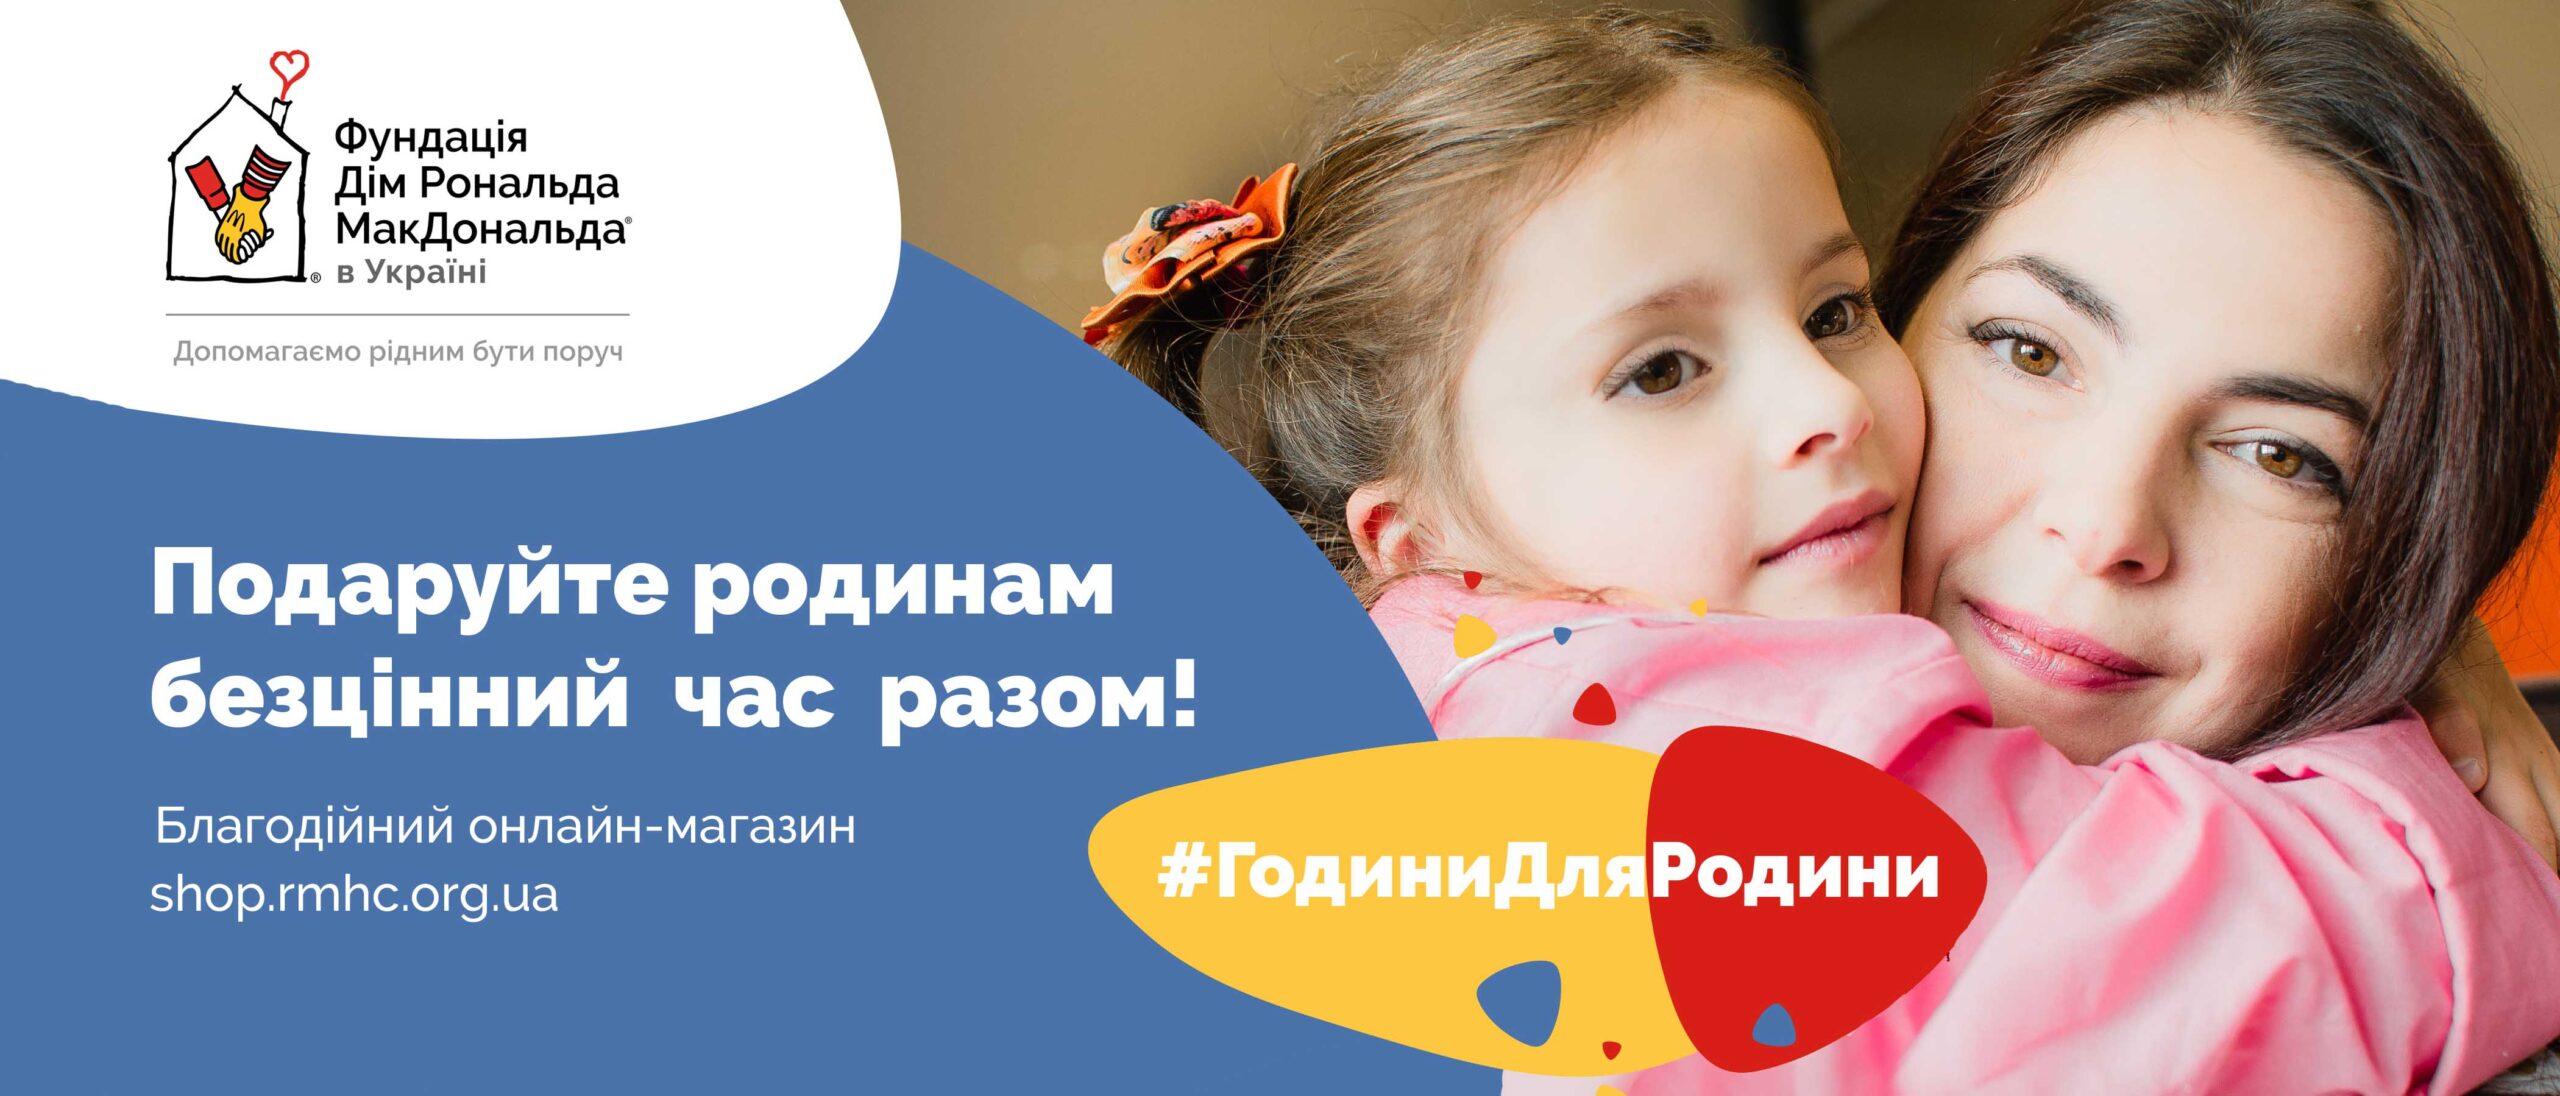 В Україні вдруге розпочинається благодійна акція «Години для ро...